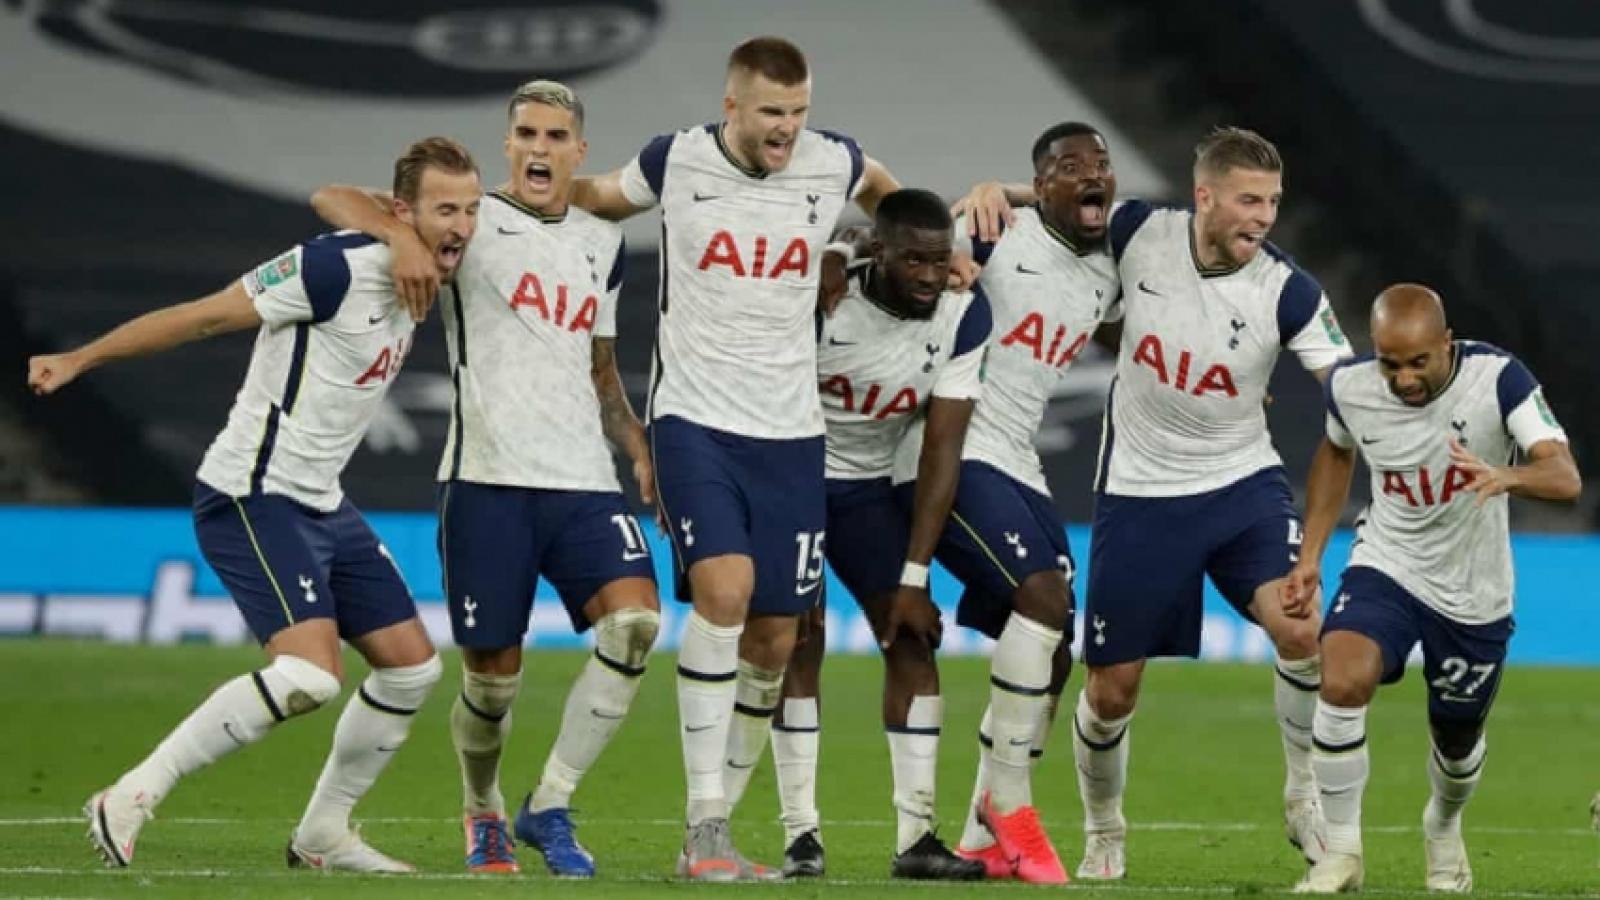 Tân binh Werner ghi bàn, Chelsea vẫn thất bại trước Tottenham ở Cúp Liên Đoàn Anh